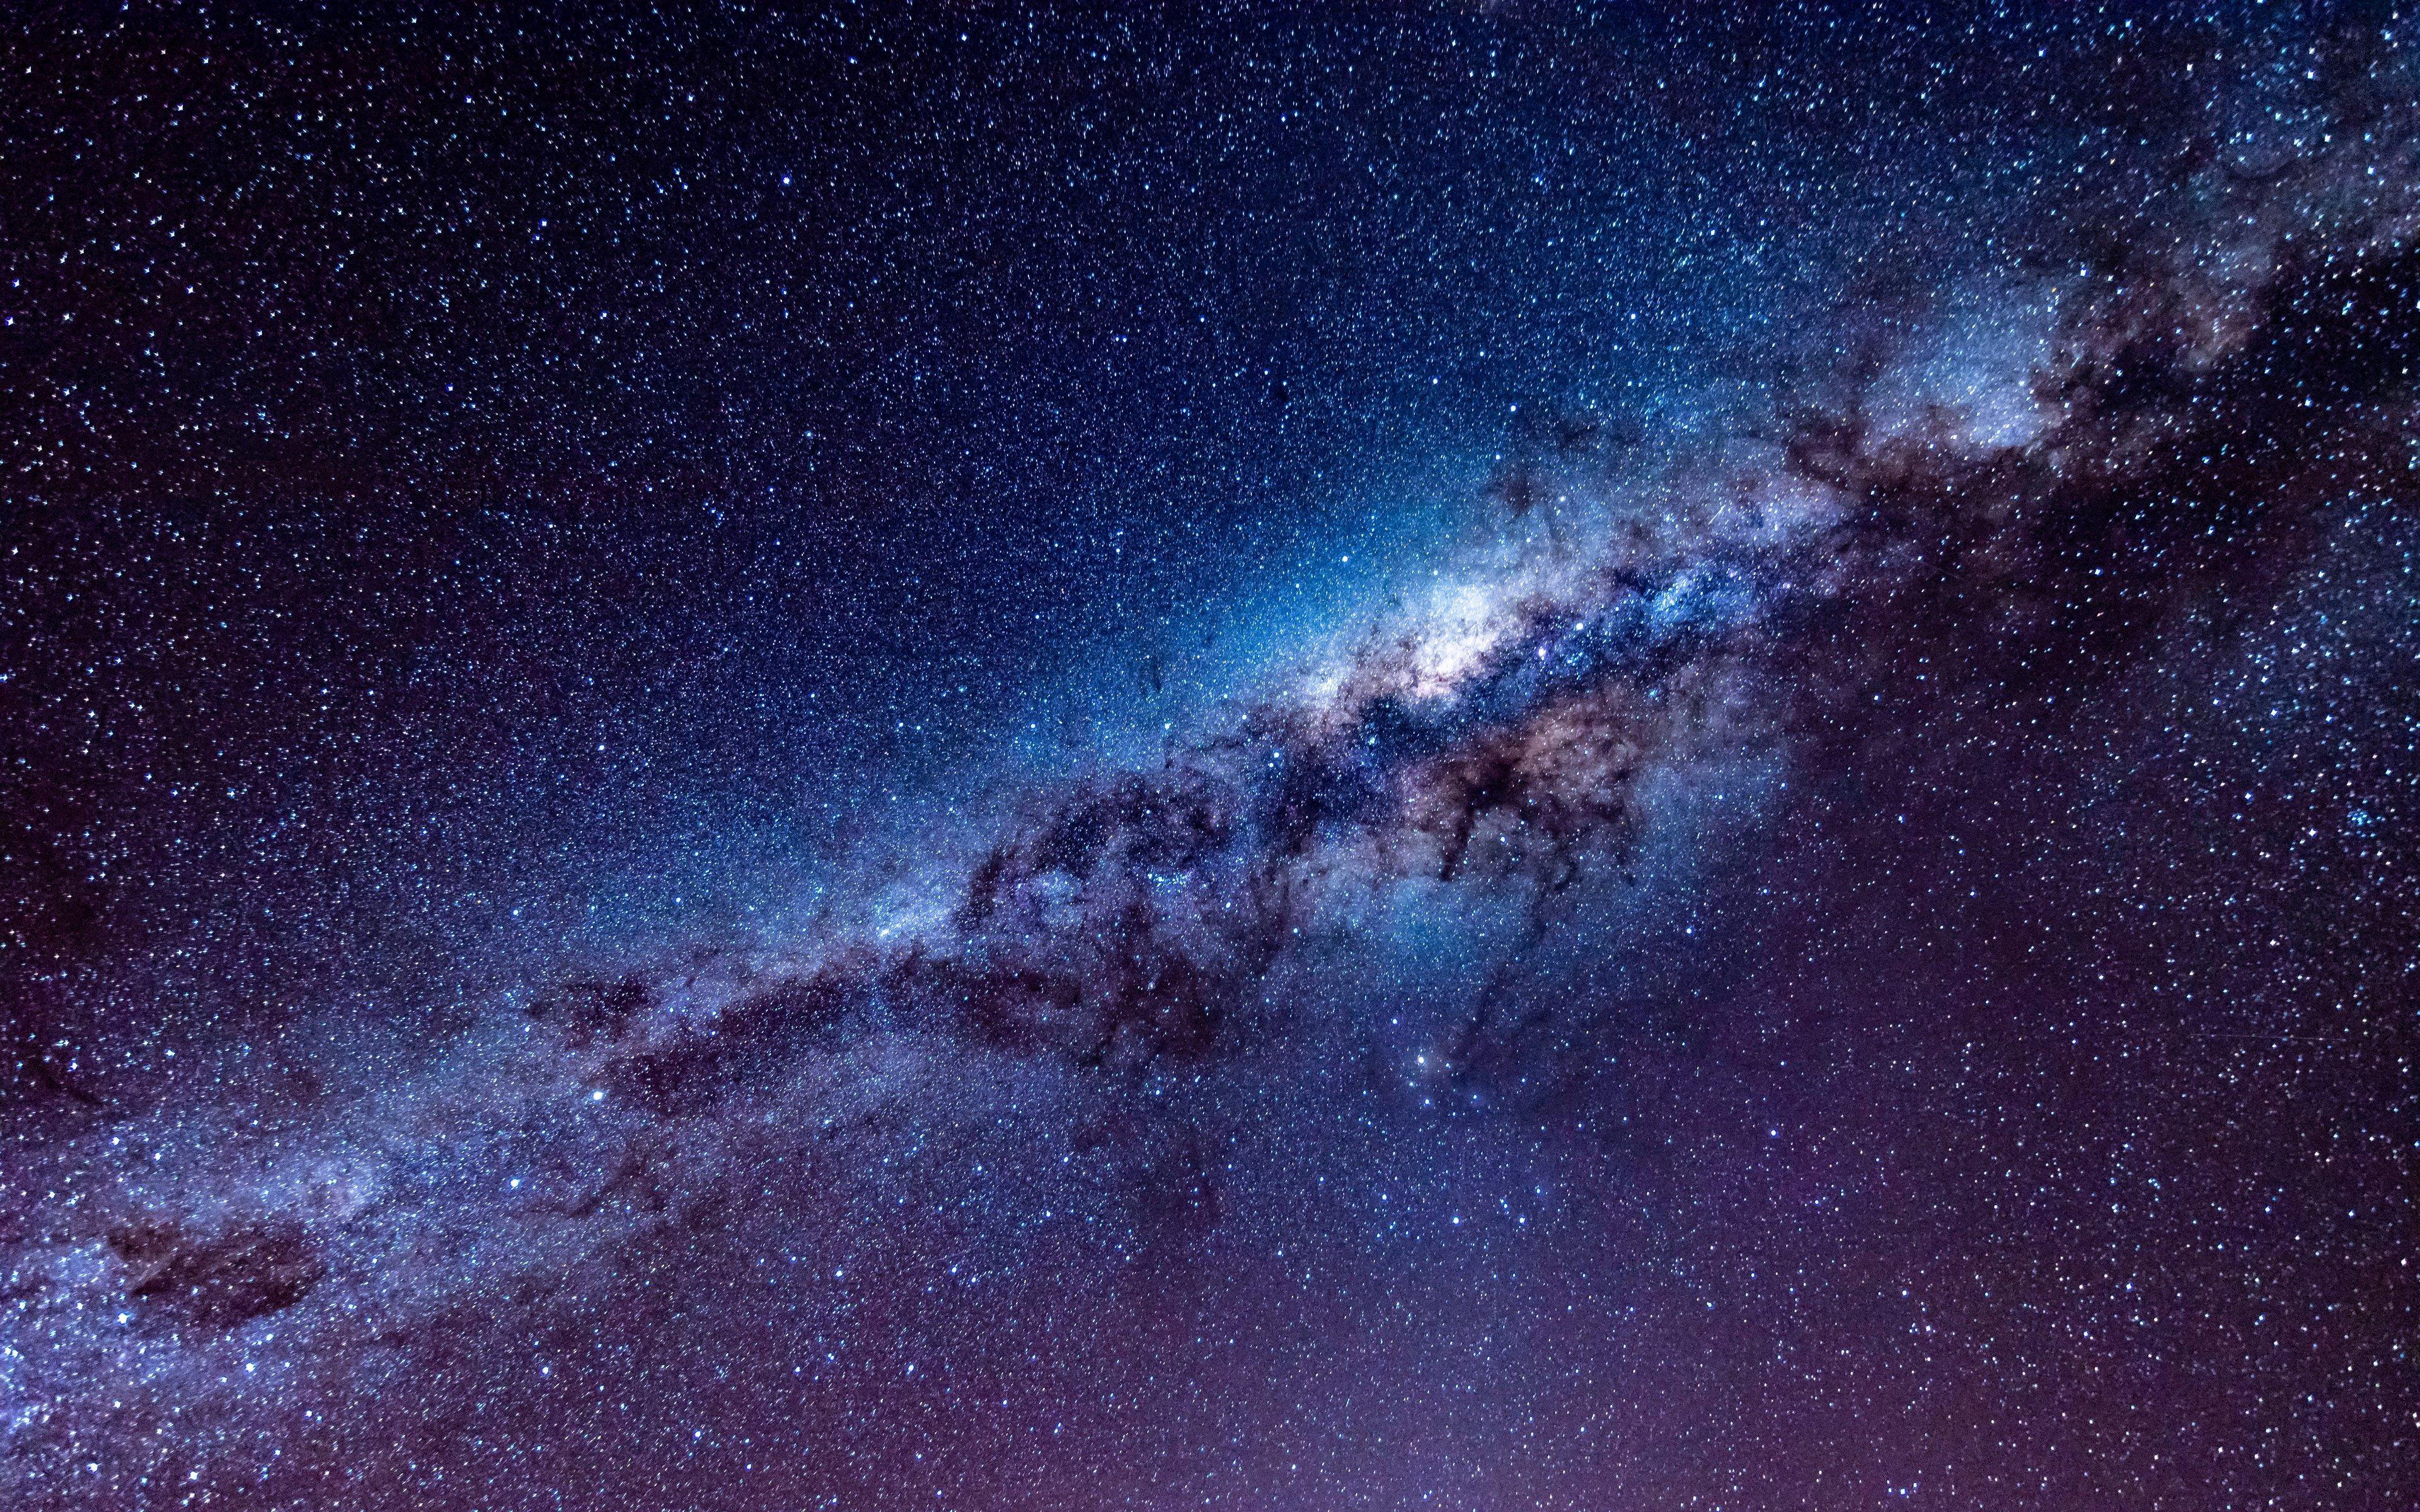 Fondos de pantalla Estrellas de la Vía láctea